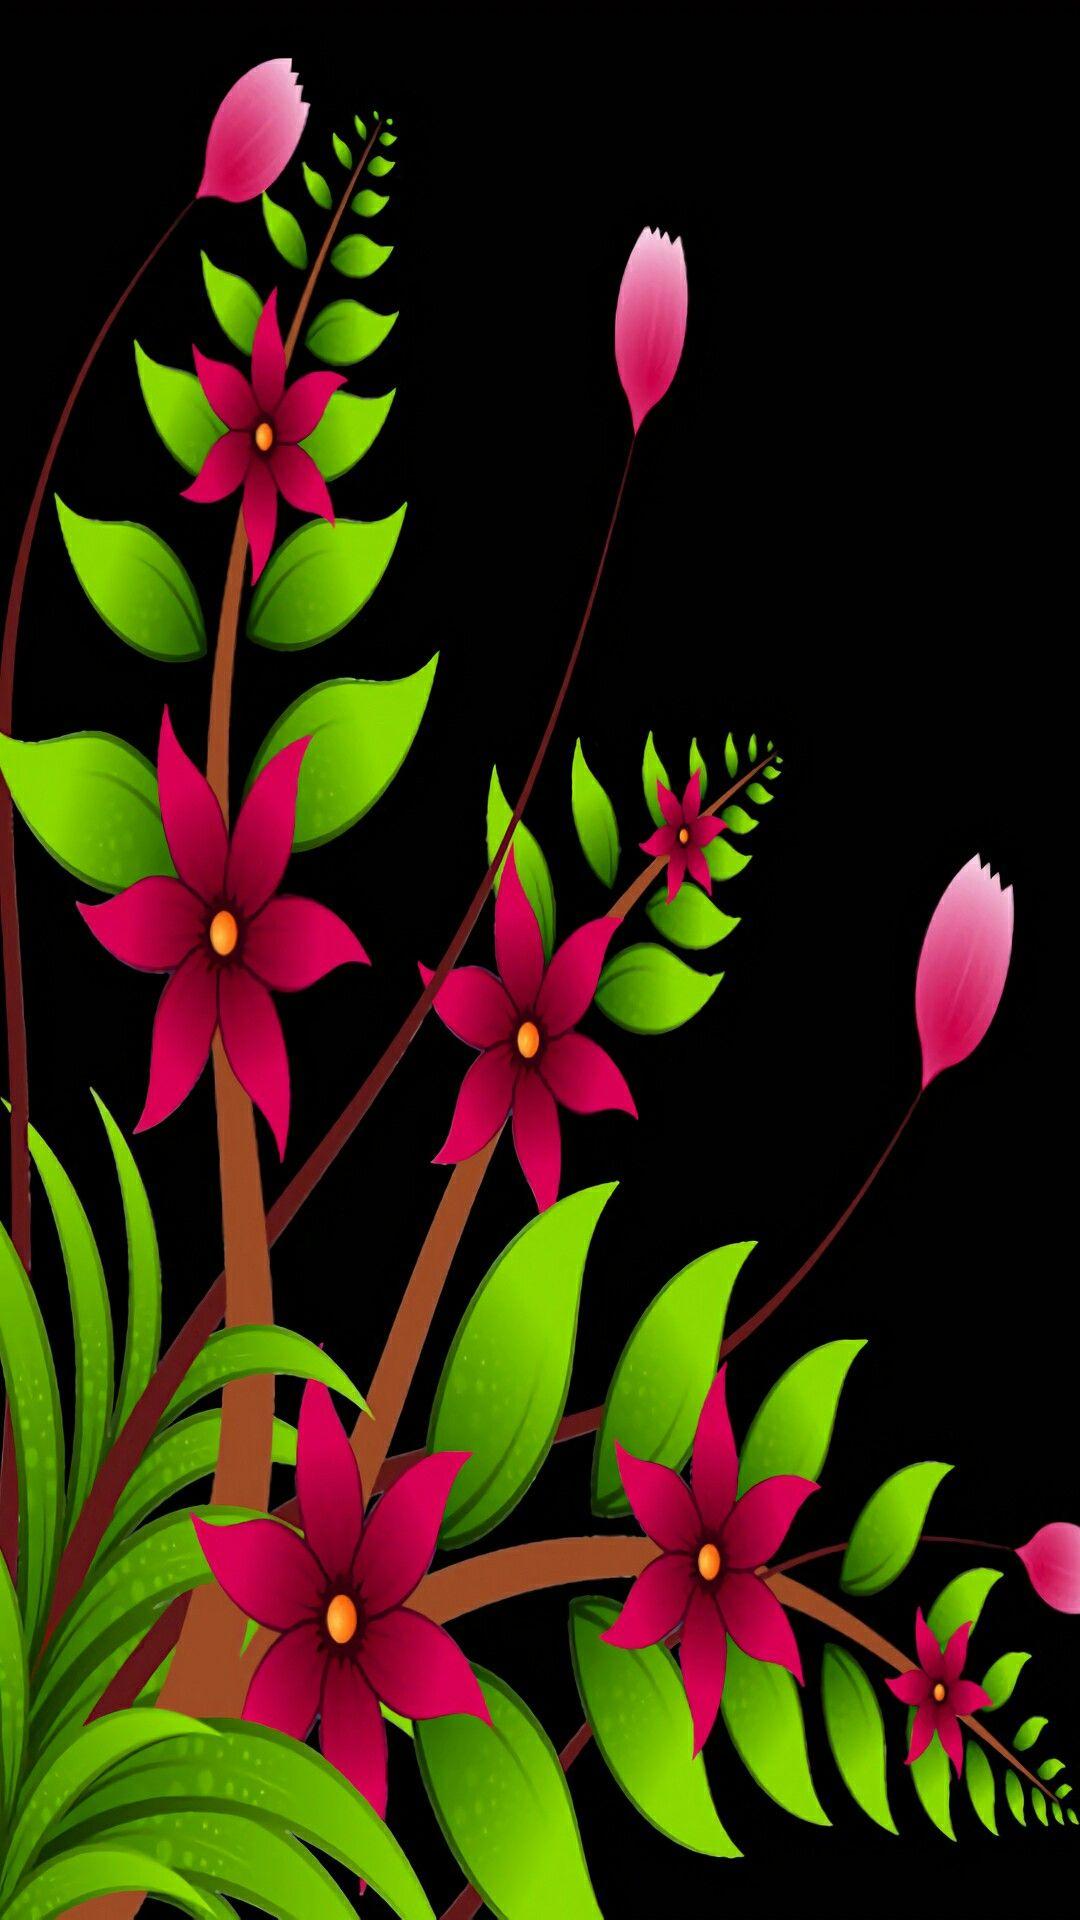 Pin de Janeth en fondo de pantalla | Pinterest | Cuadro de flores ...